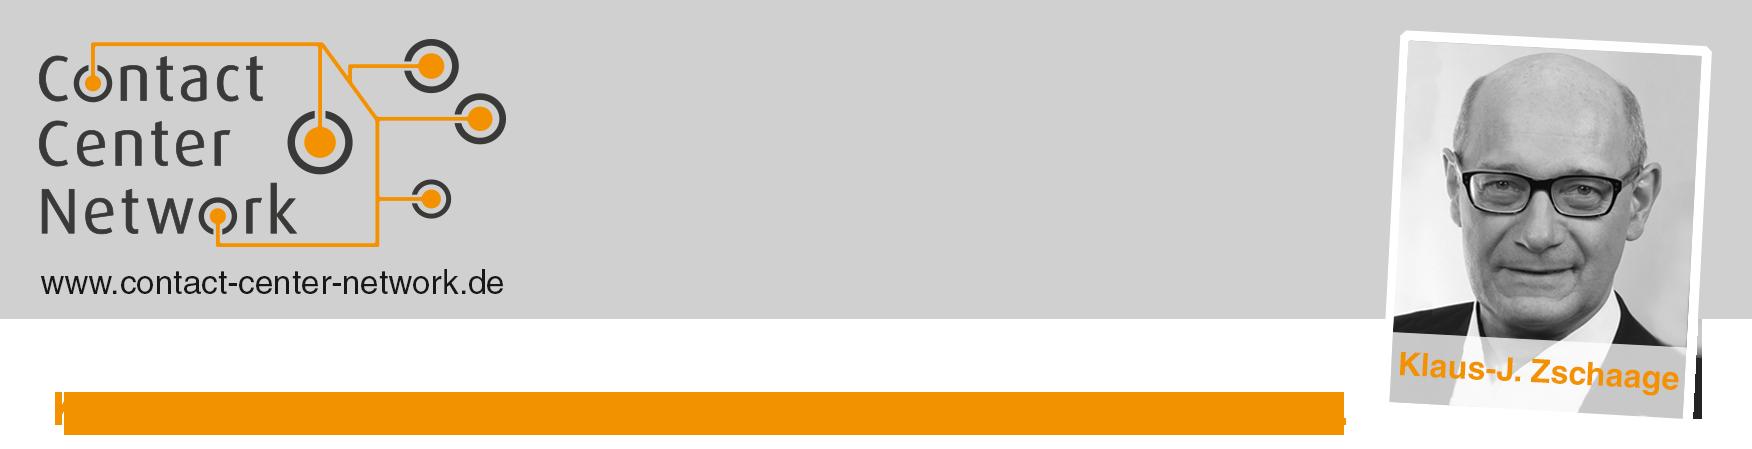 Klaus-J. Zschaage